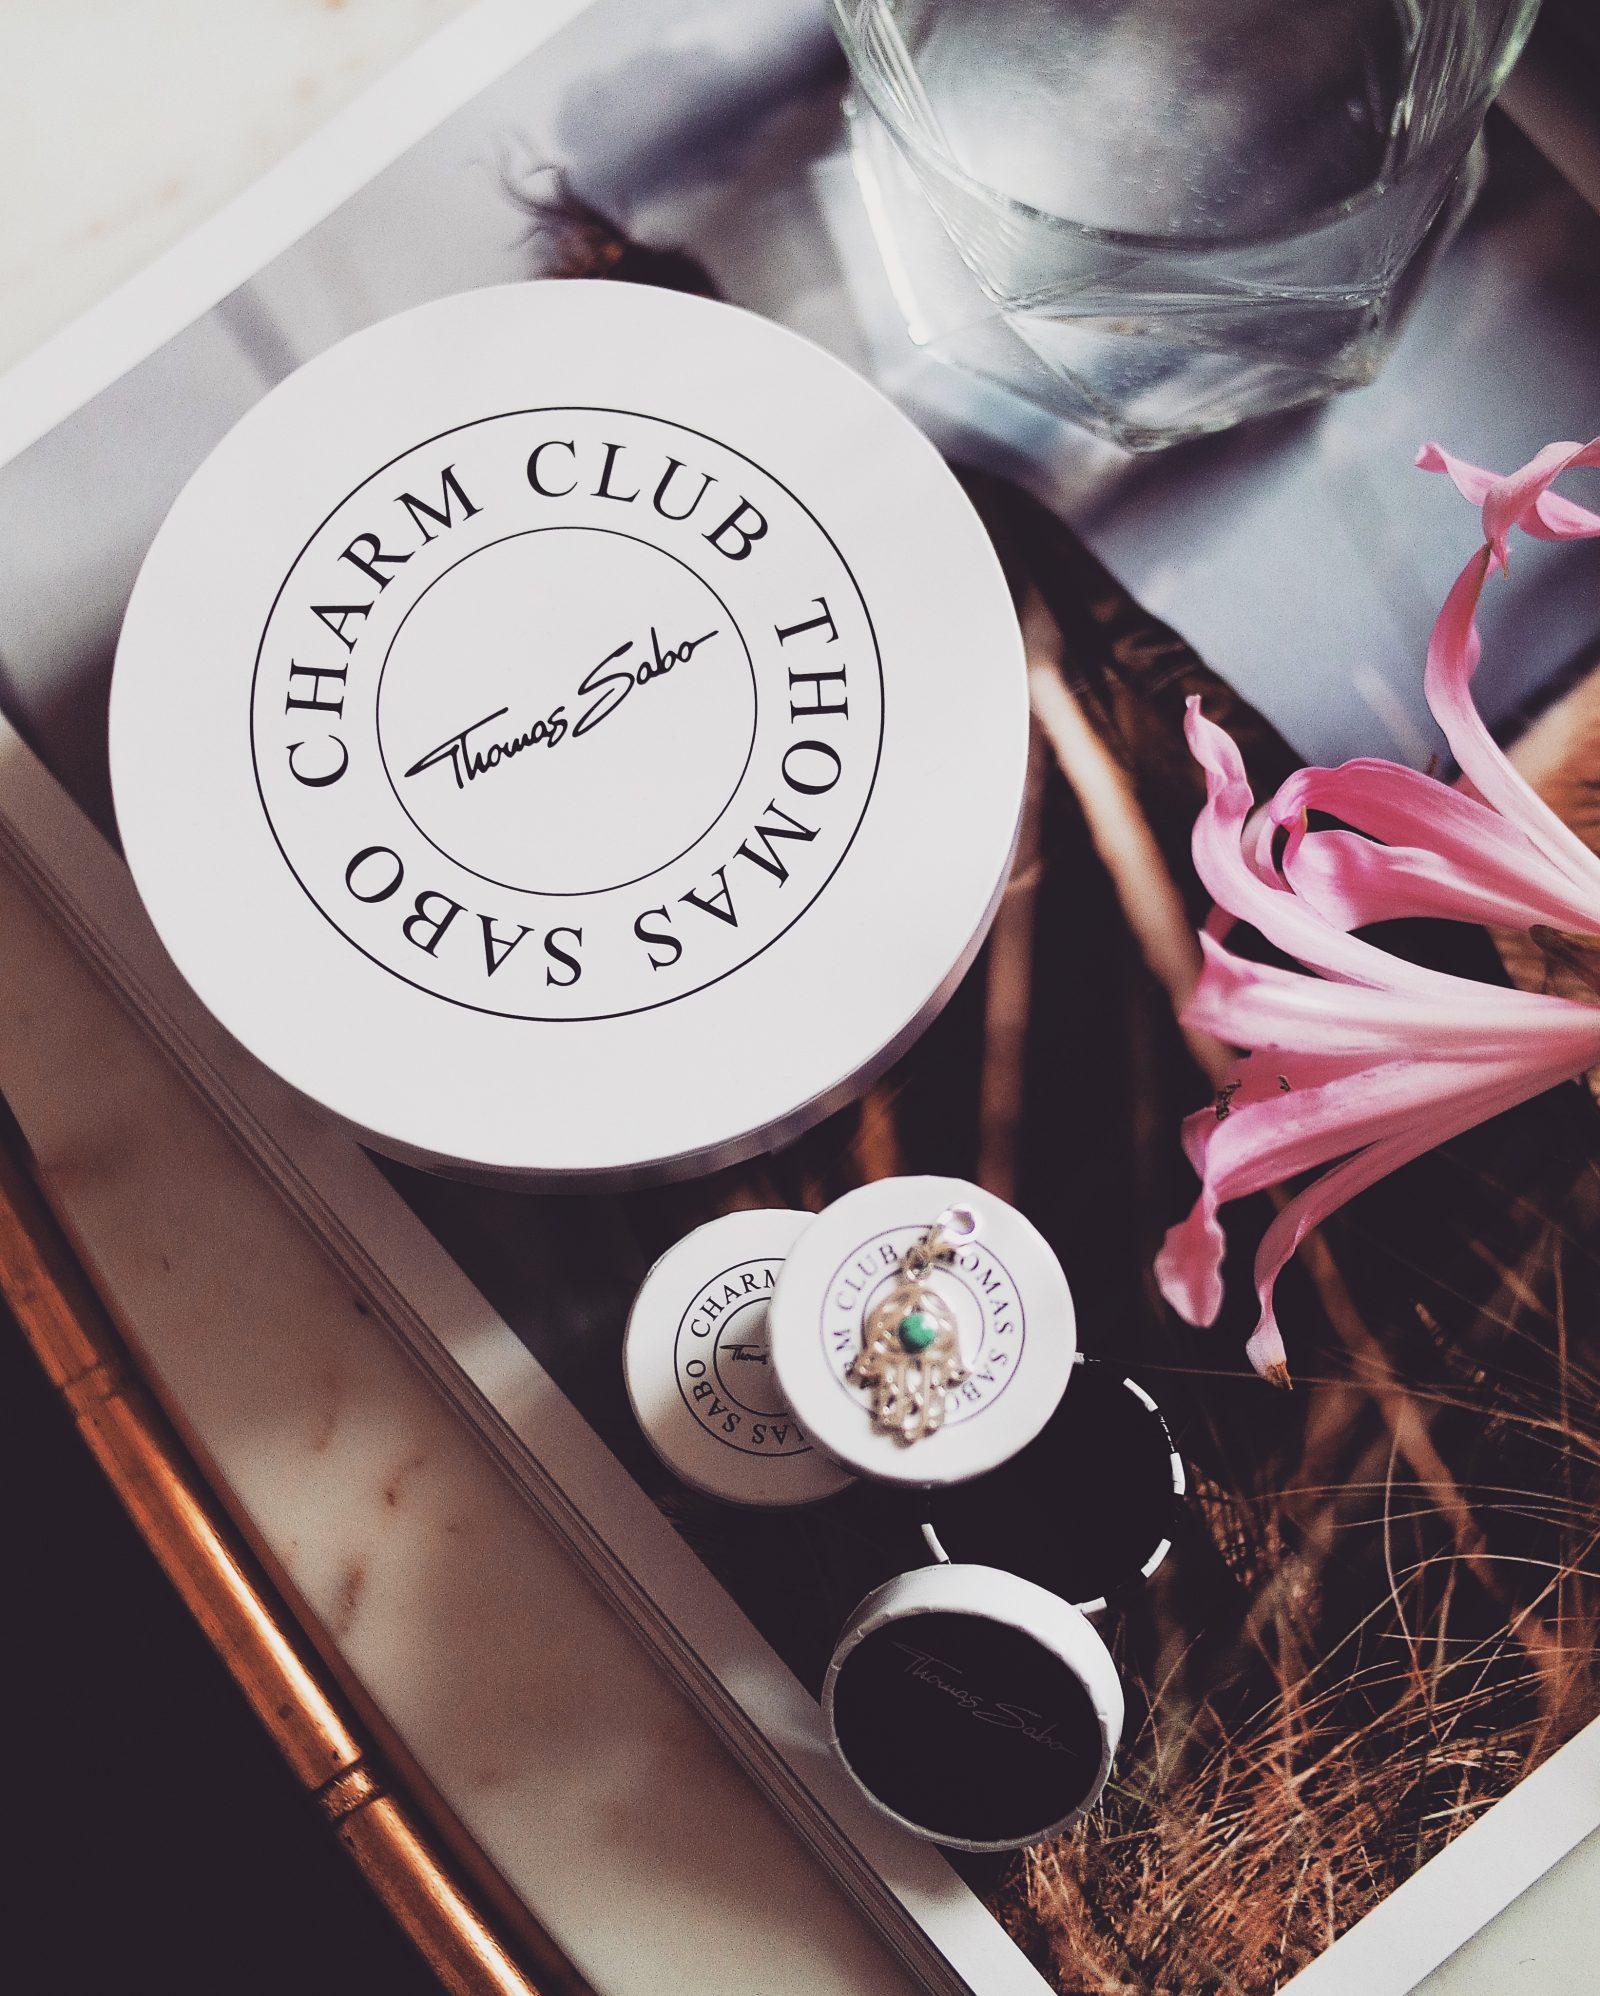 Thomas Sabo Charm Club Hamsa Hand